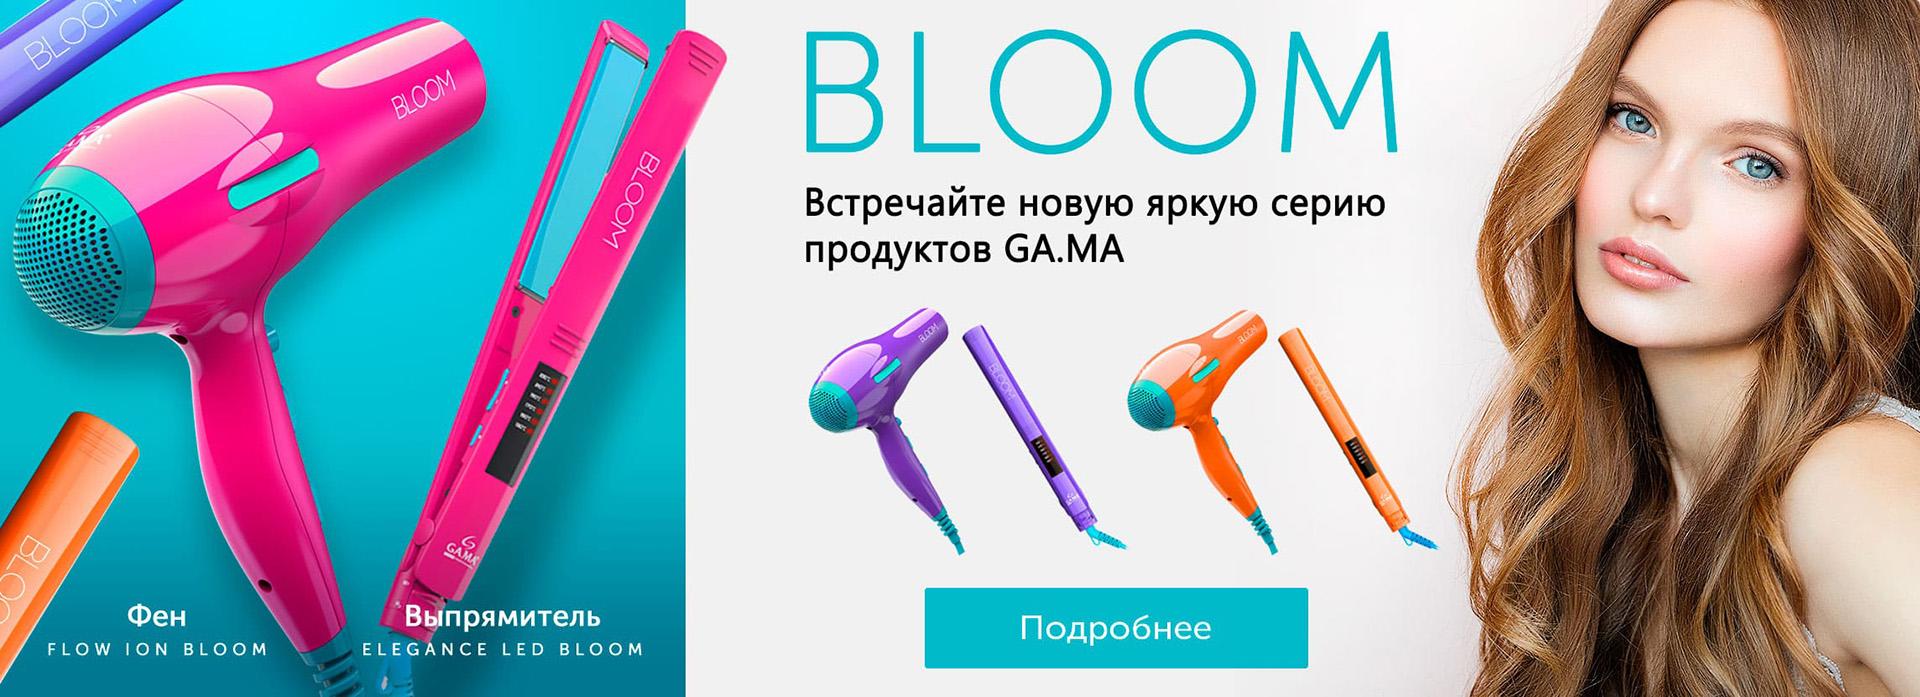 1591014378_2_bloom-sl.jpg